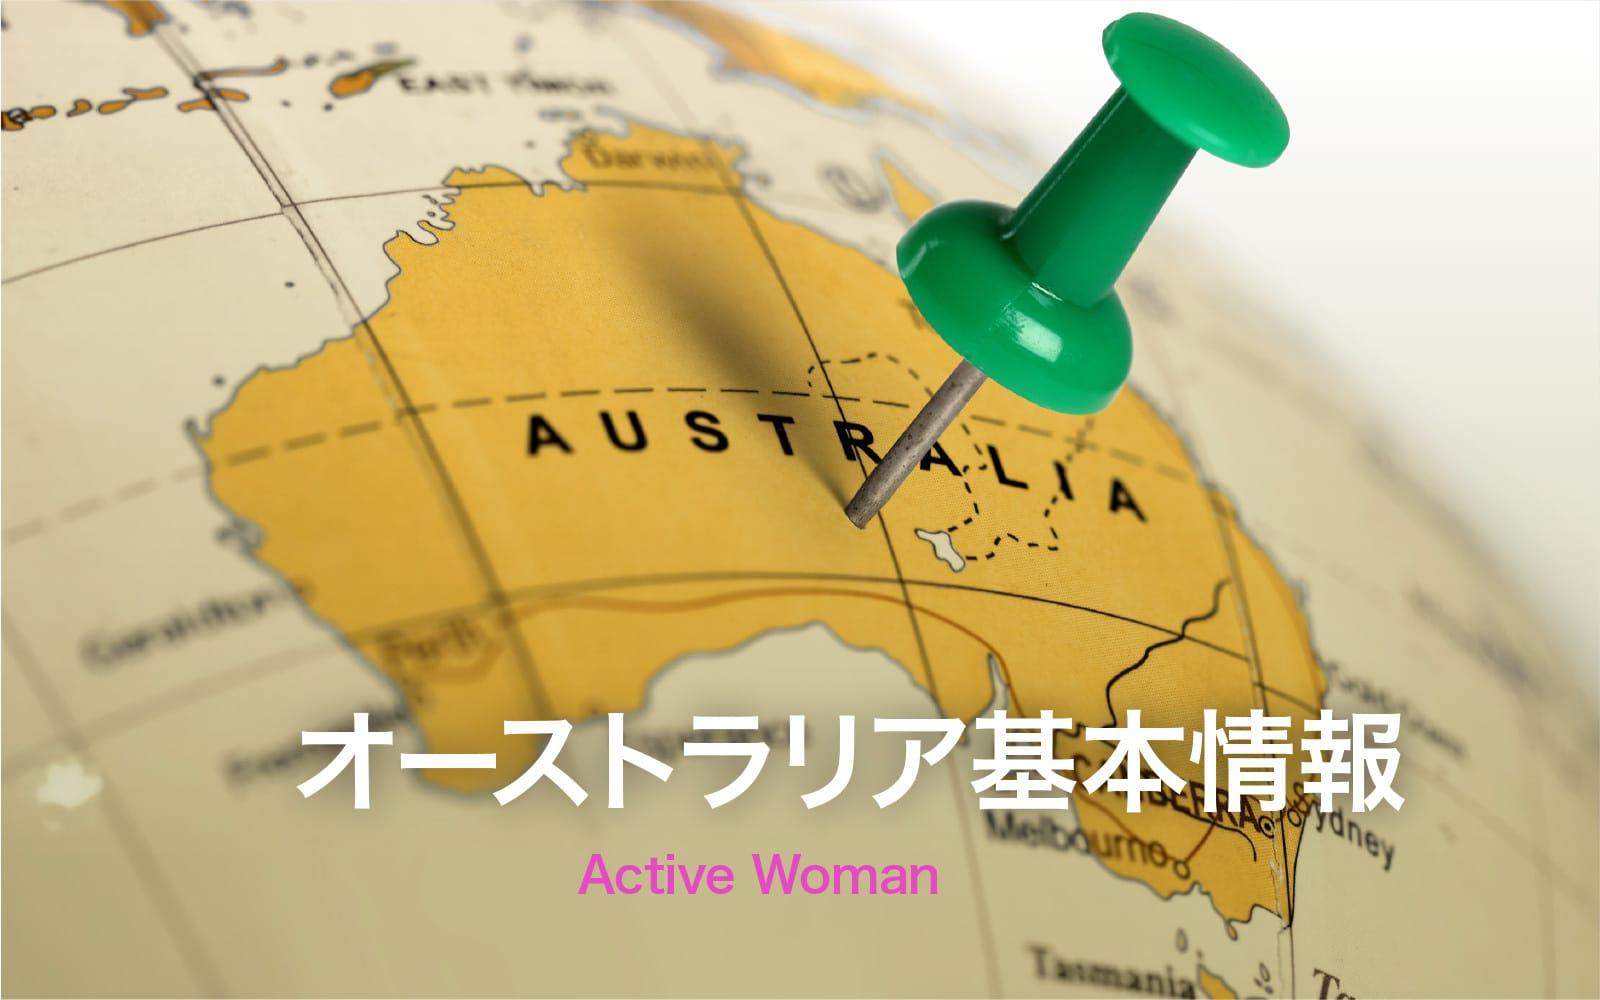 オーストラリア基本情報